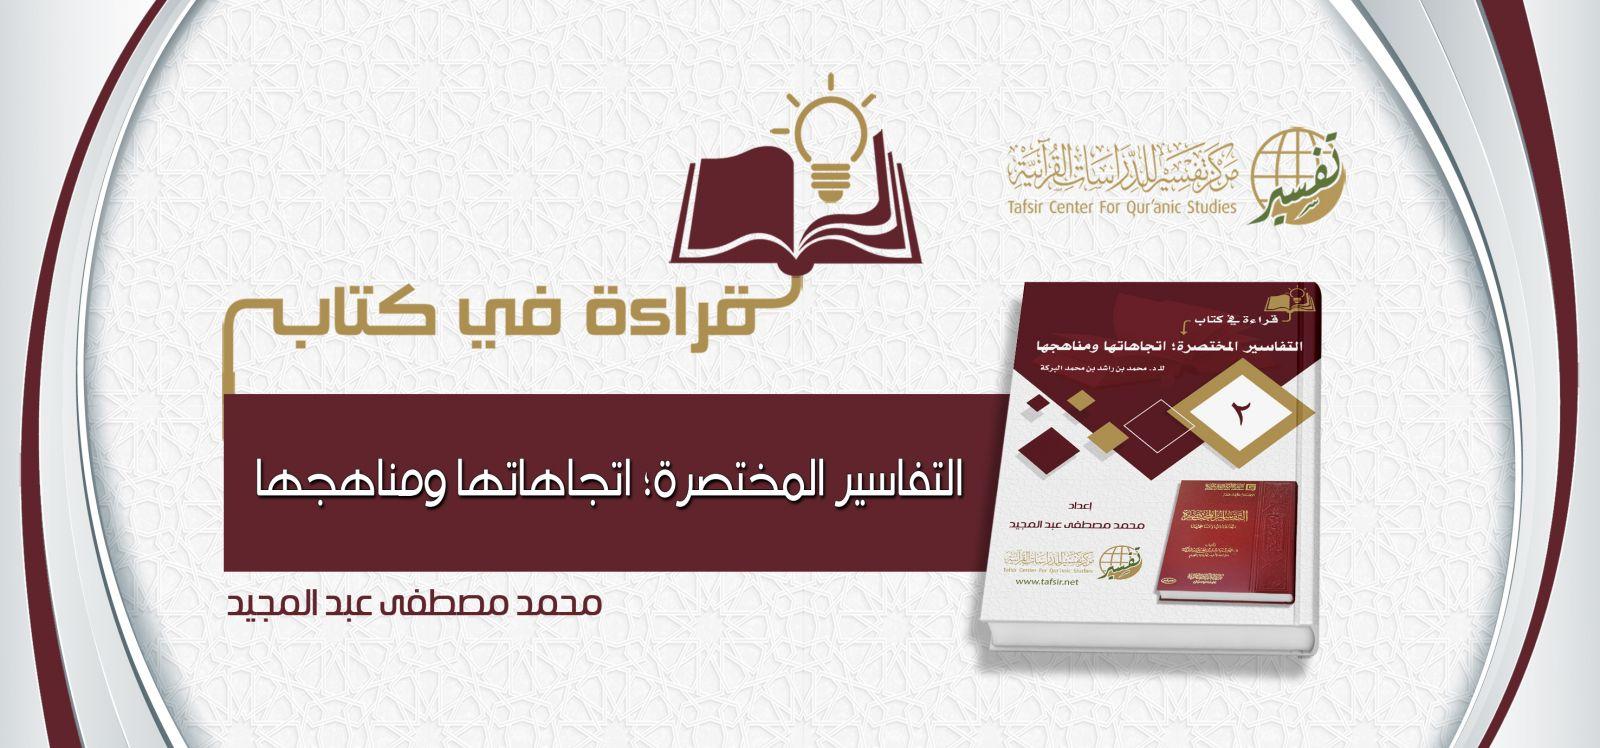 قراءة في كتاب «التفاسير المختصرة؛ اتجاهاتها ومناهجها»، تأليف: د. محمد بن راشد البركة